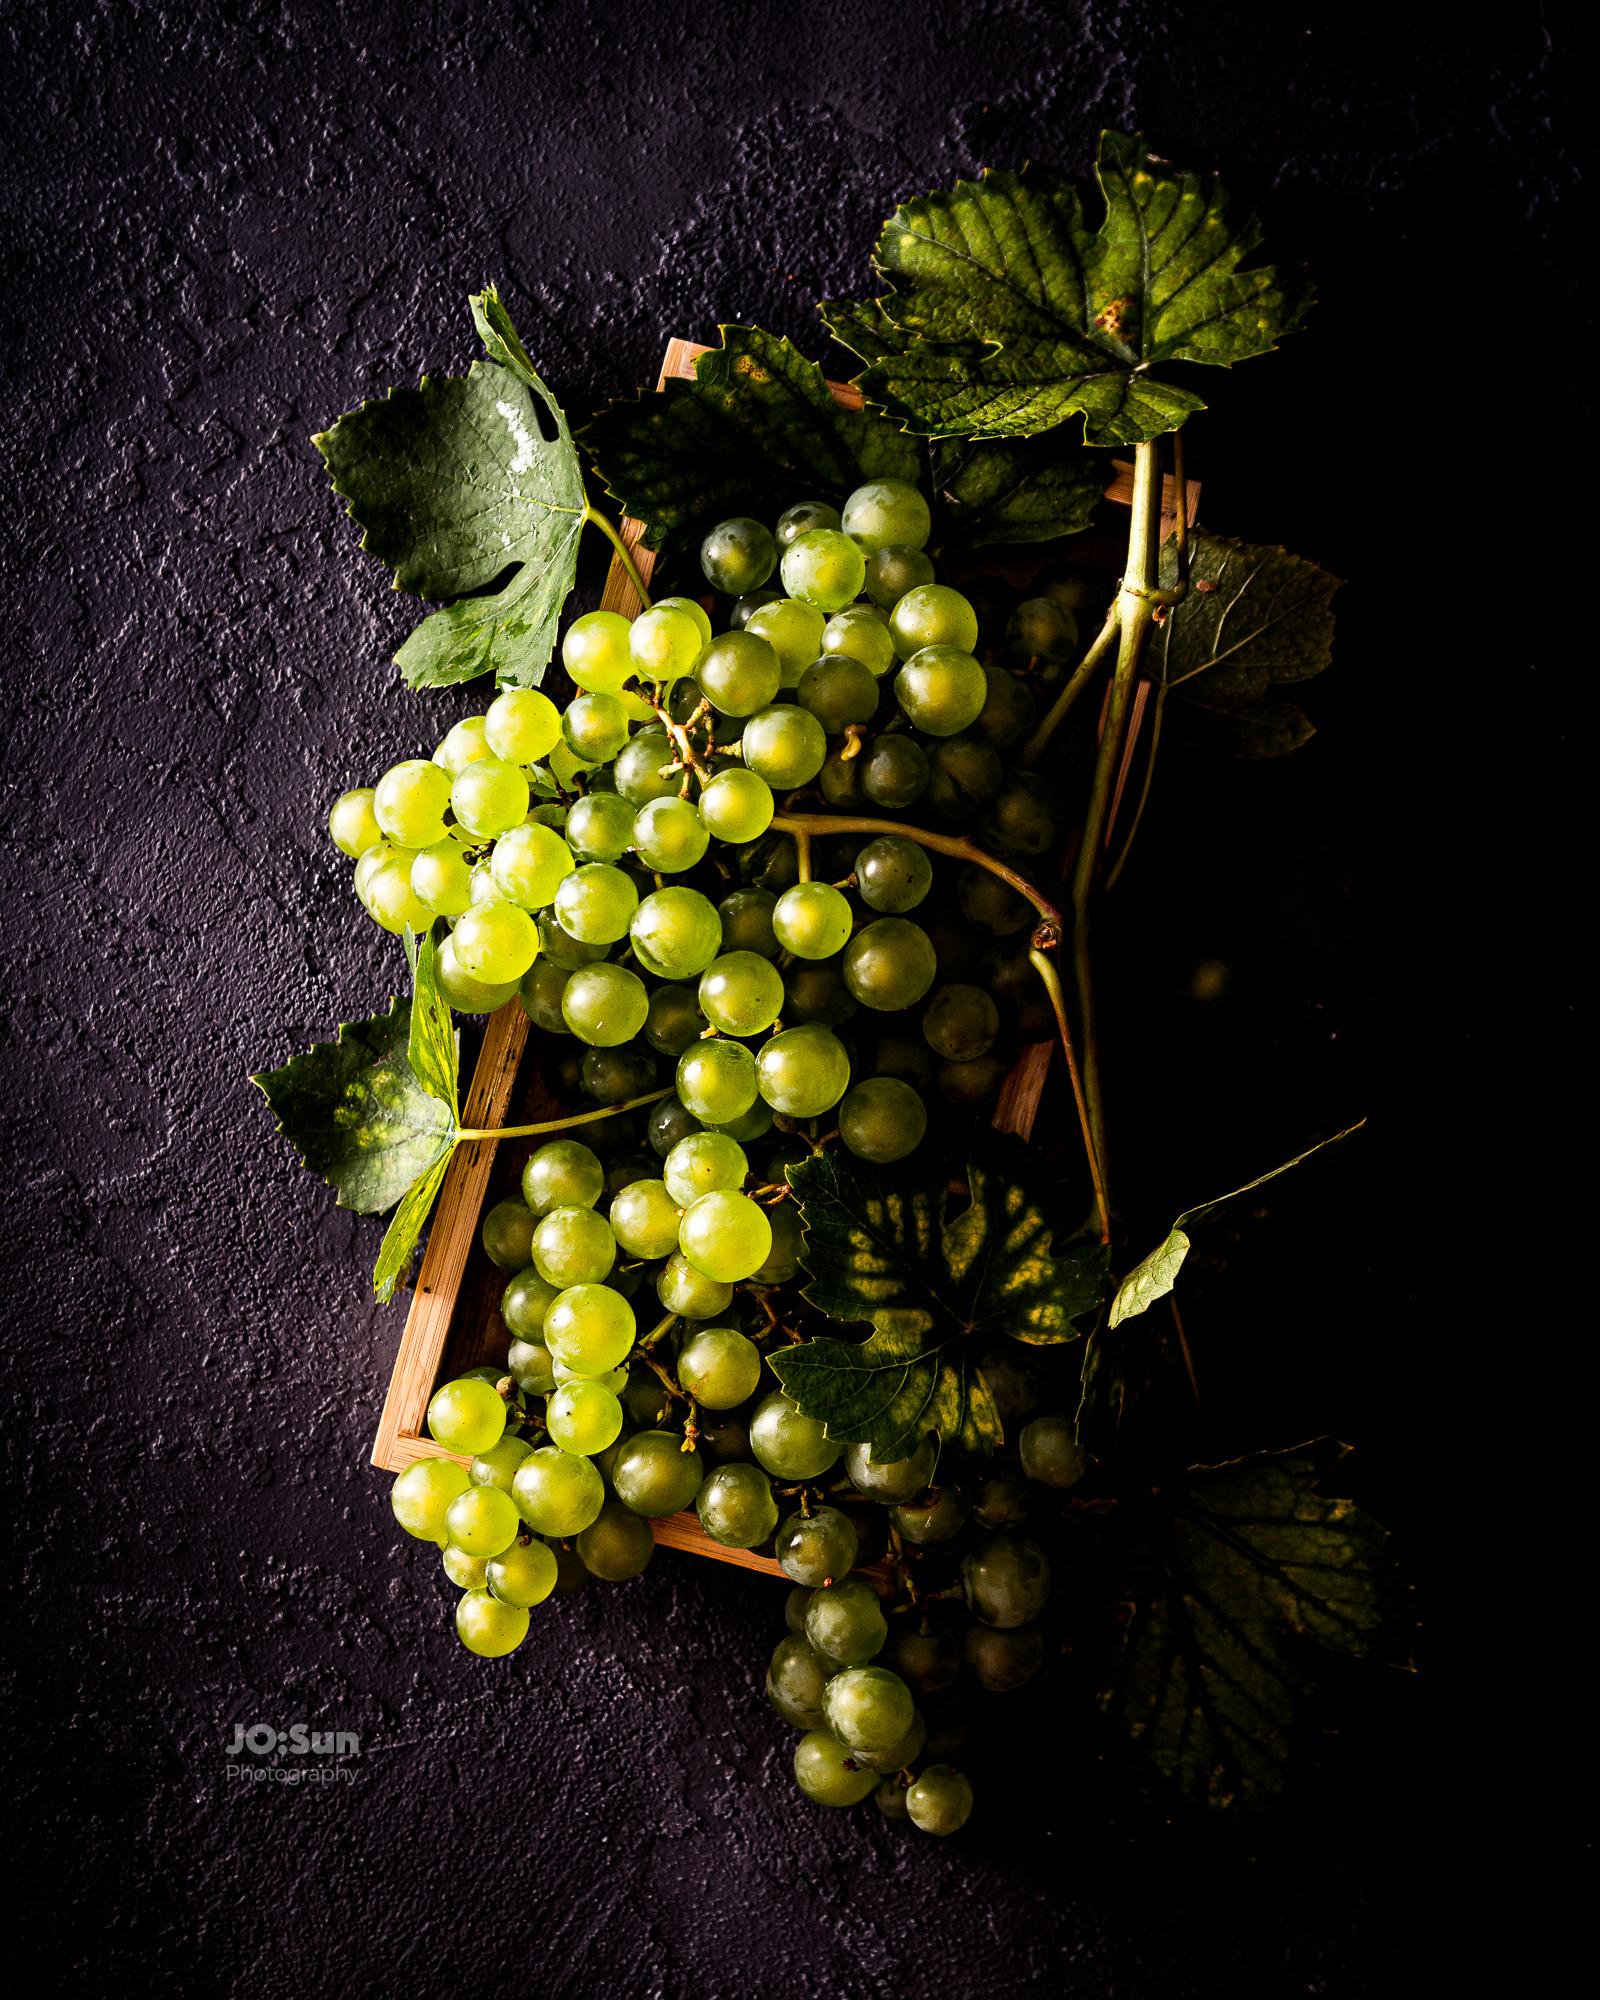 winogrona na czarnym tle